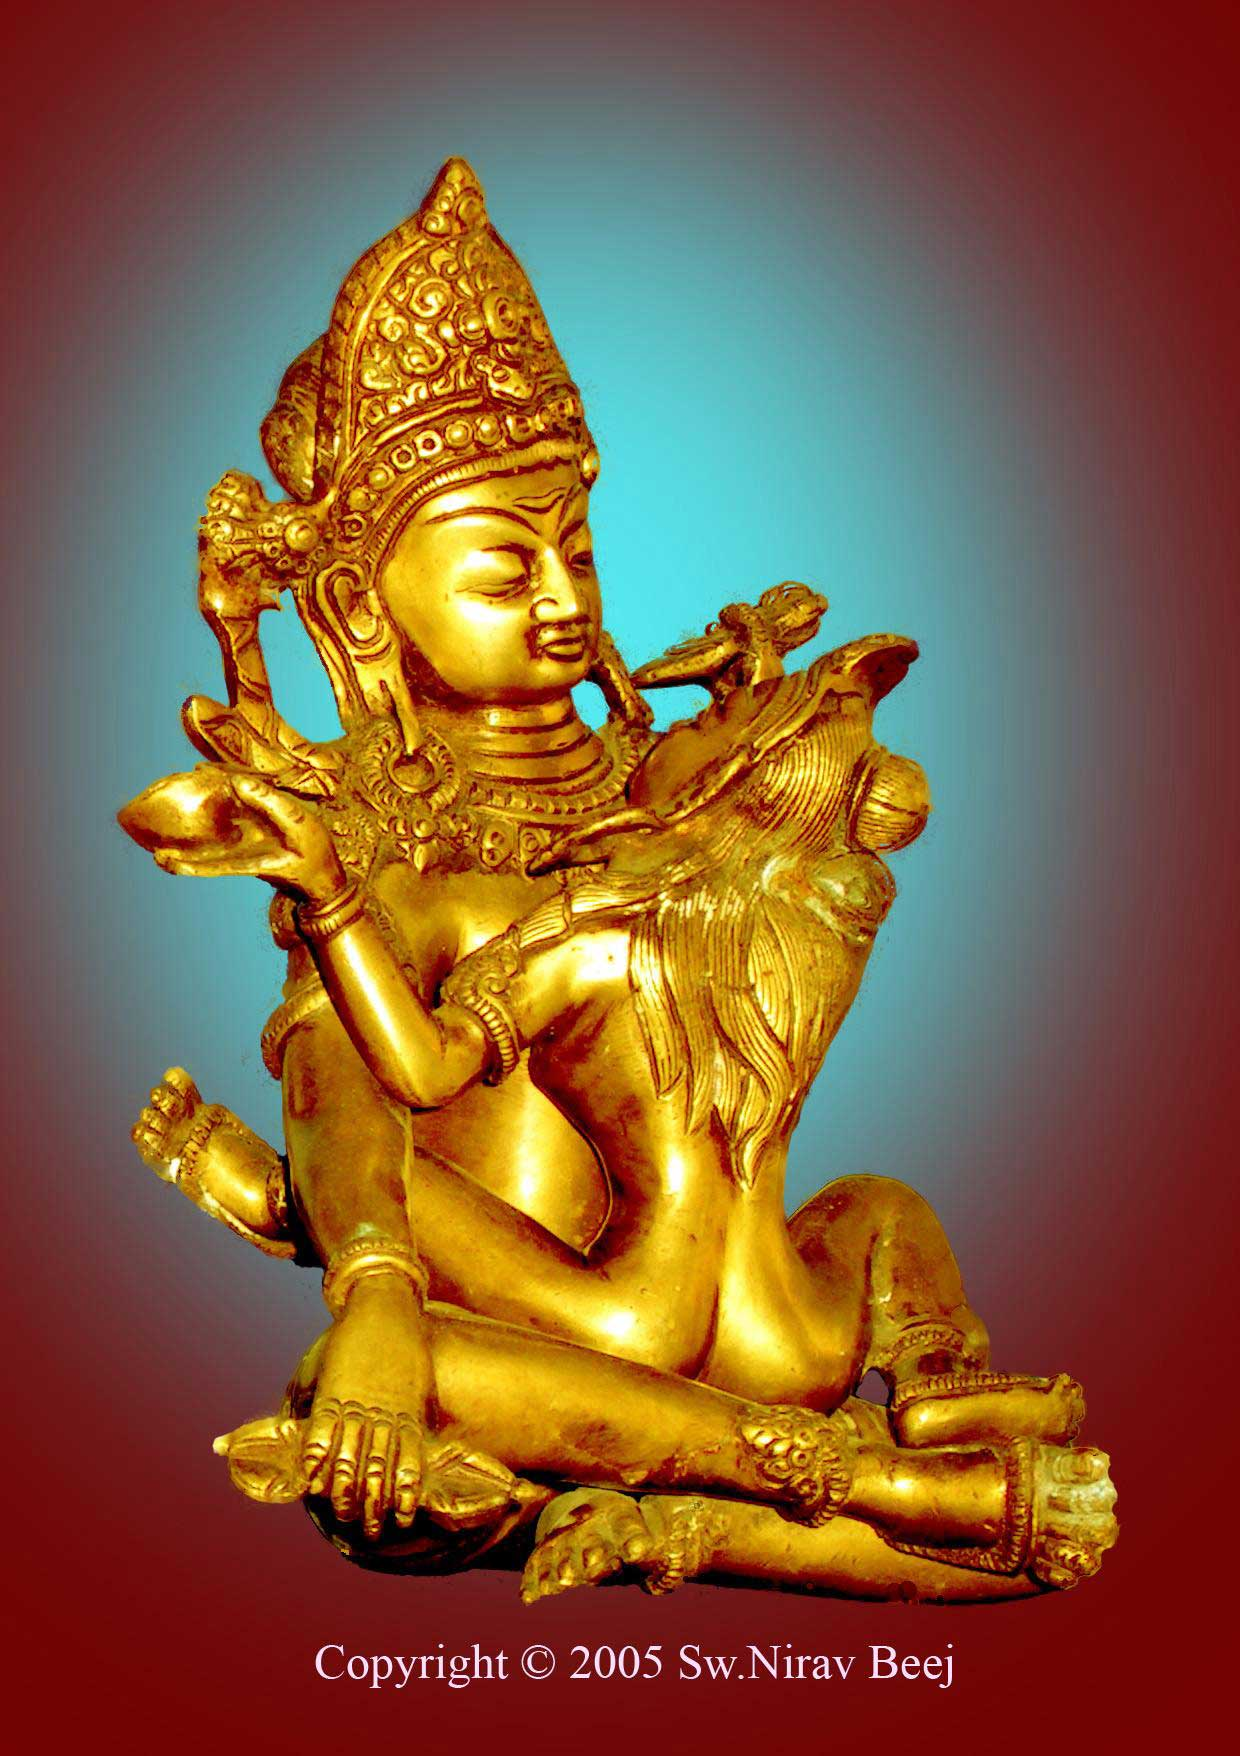 TantraTempel Shiva-Shakti beeld wat eigenlijk een Buddha is met zijn geliefde Godin in yab-yum houding